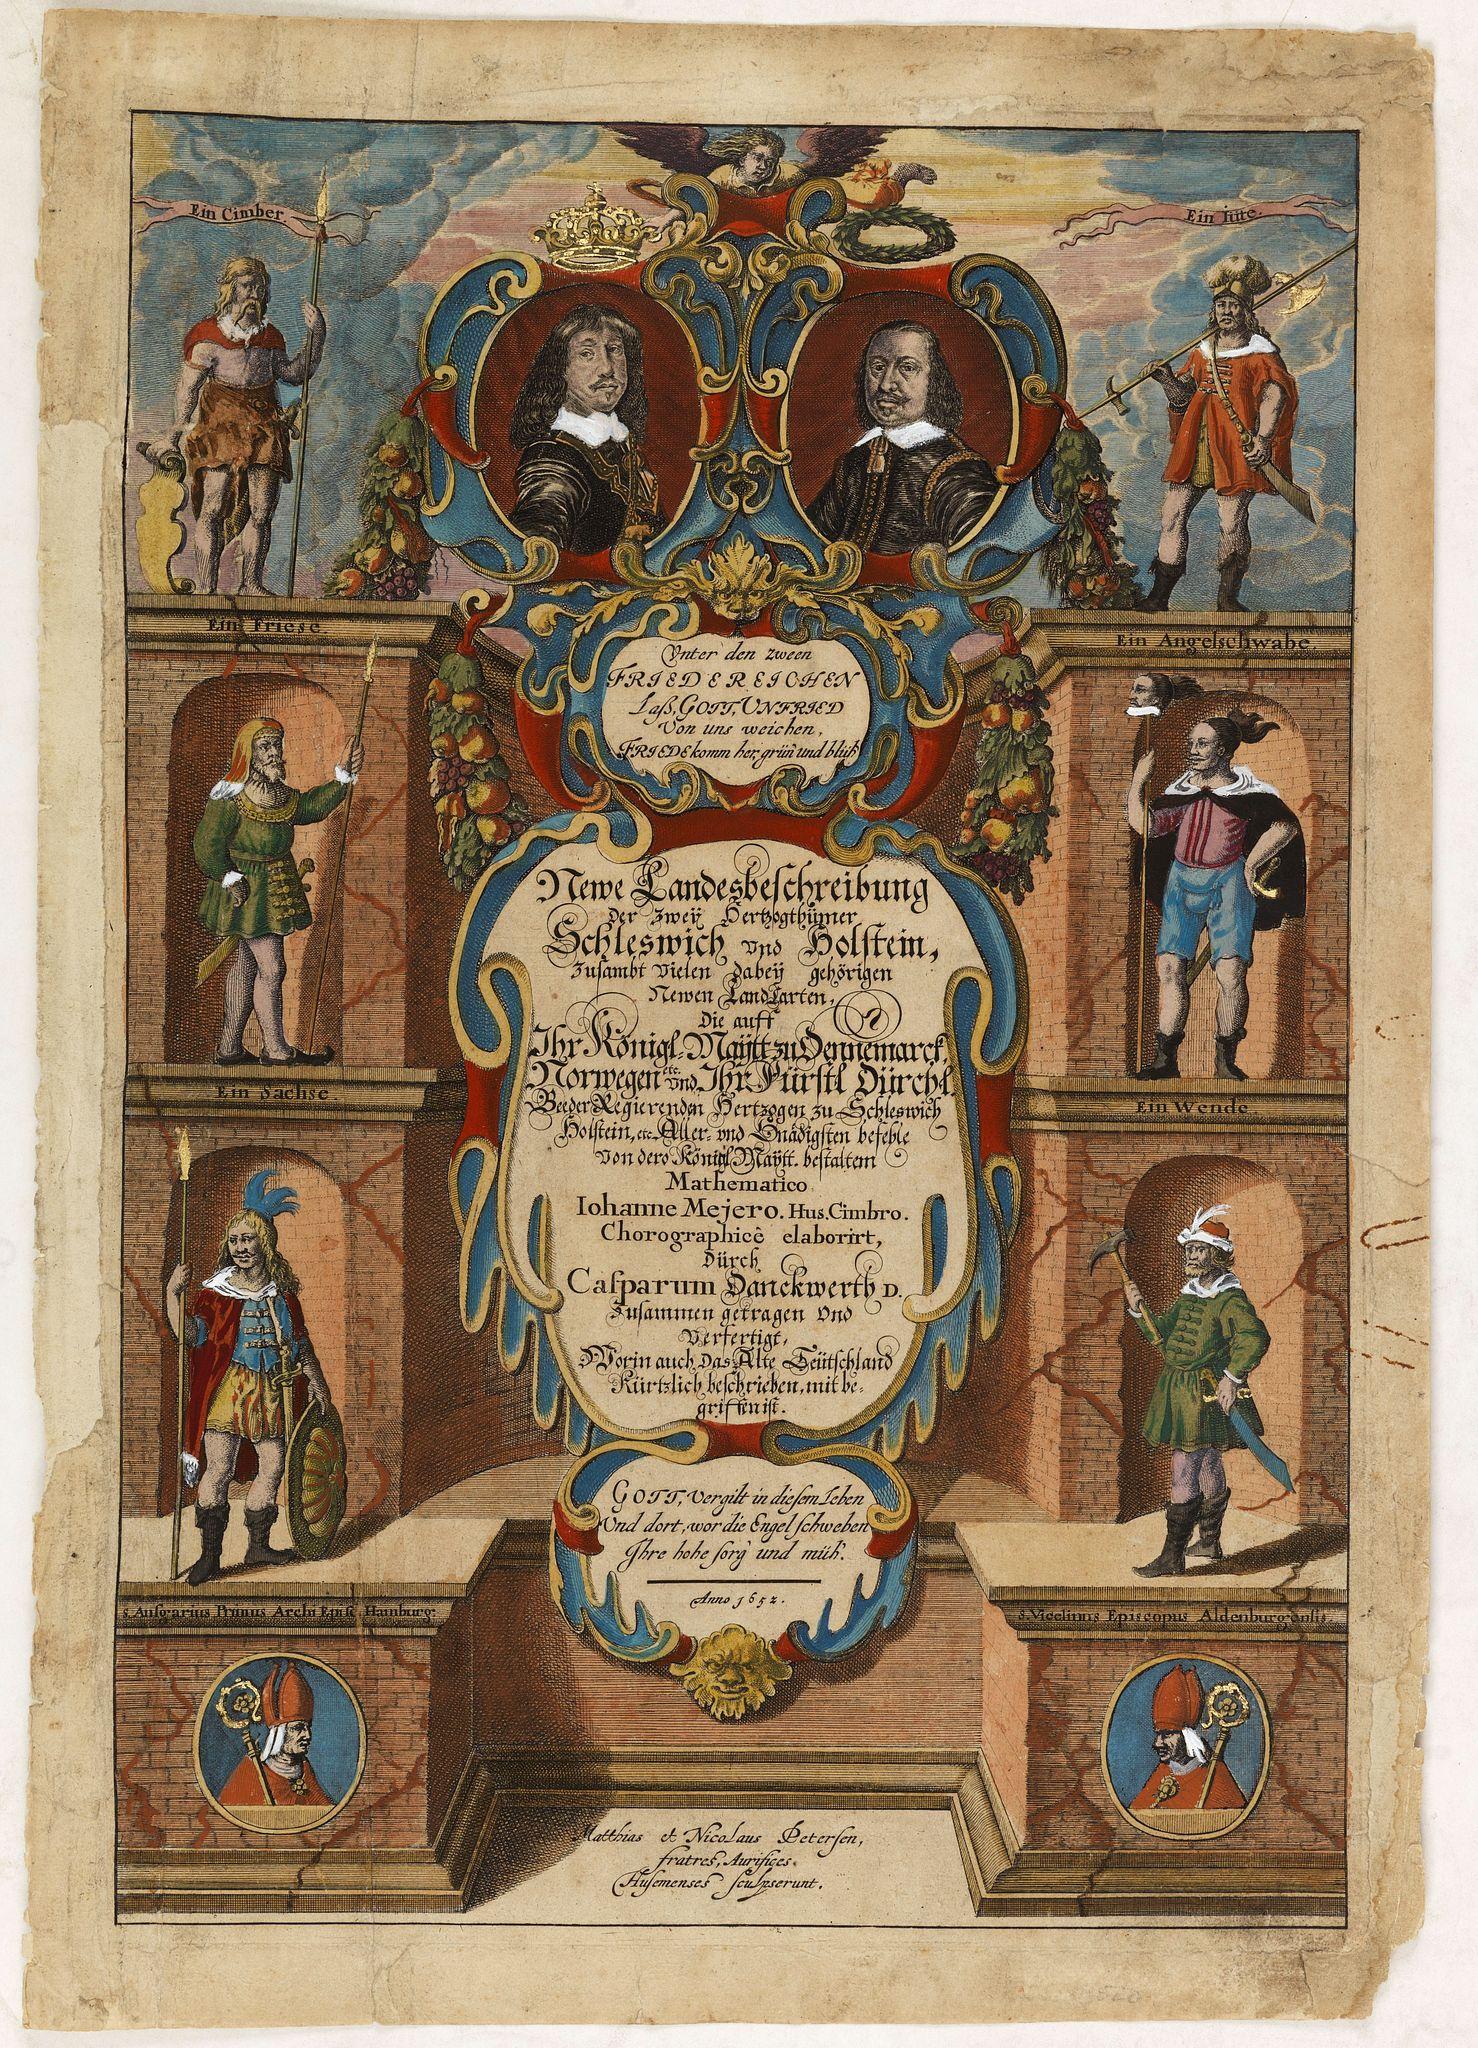 DANCKWERTH, C. -  (Title page) Neue Landesbeschreibung der zwei Herzogtümer Schleswig und Holstein. . .